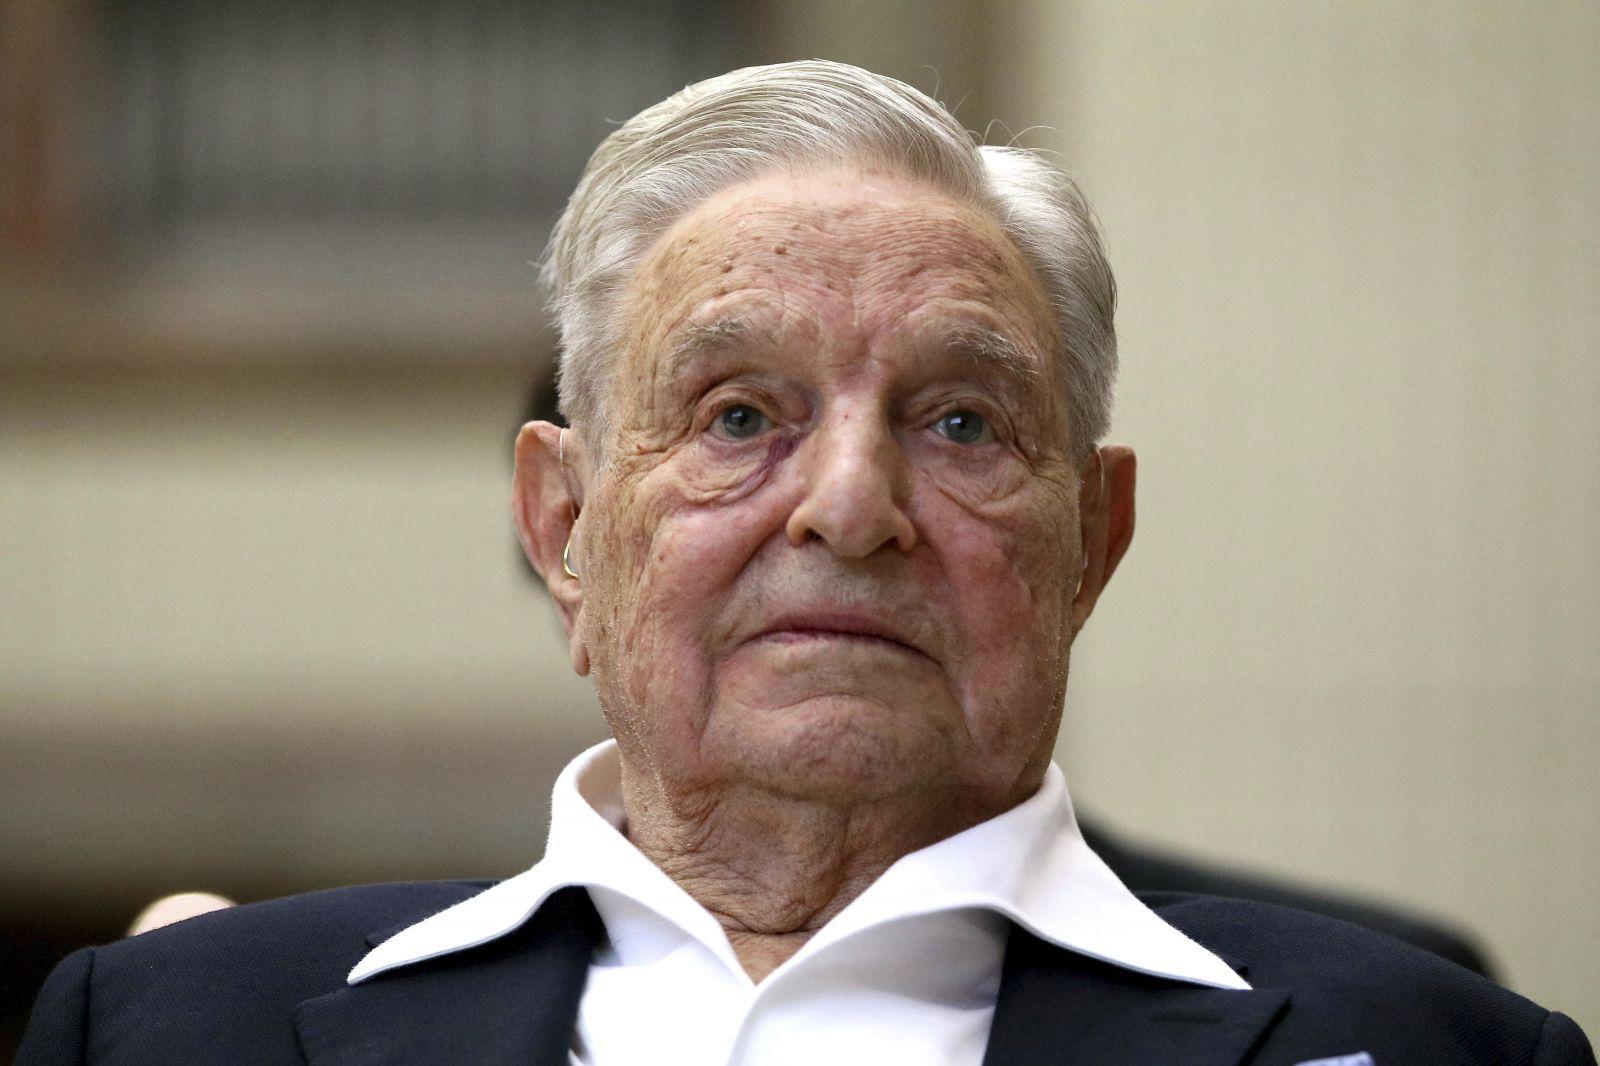 George Soros žiada vyššie zdanenie najbohatších ľudí. Americkí miliardári chcú na daniach prispievať viac